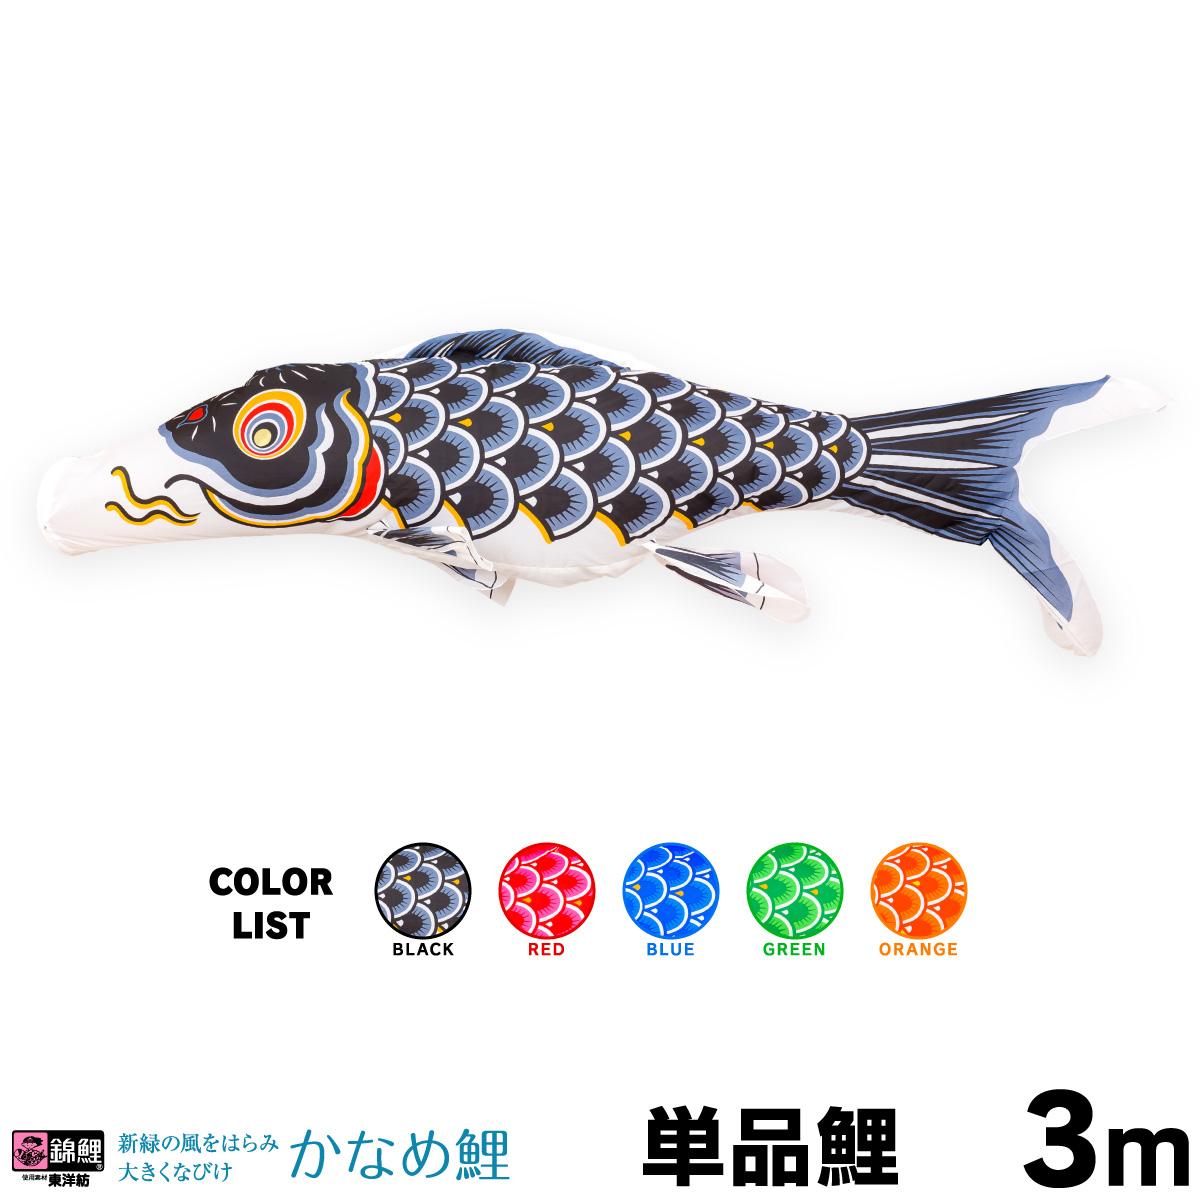 【こいのぼり 単品】 かなめ鯉 3m 単品鯉